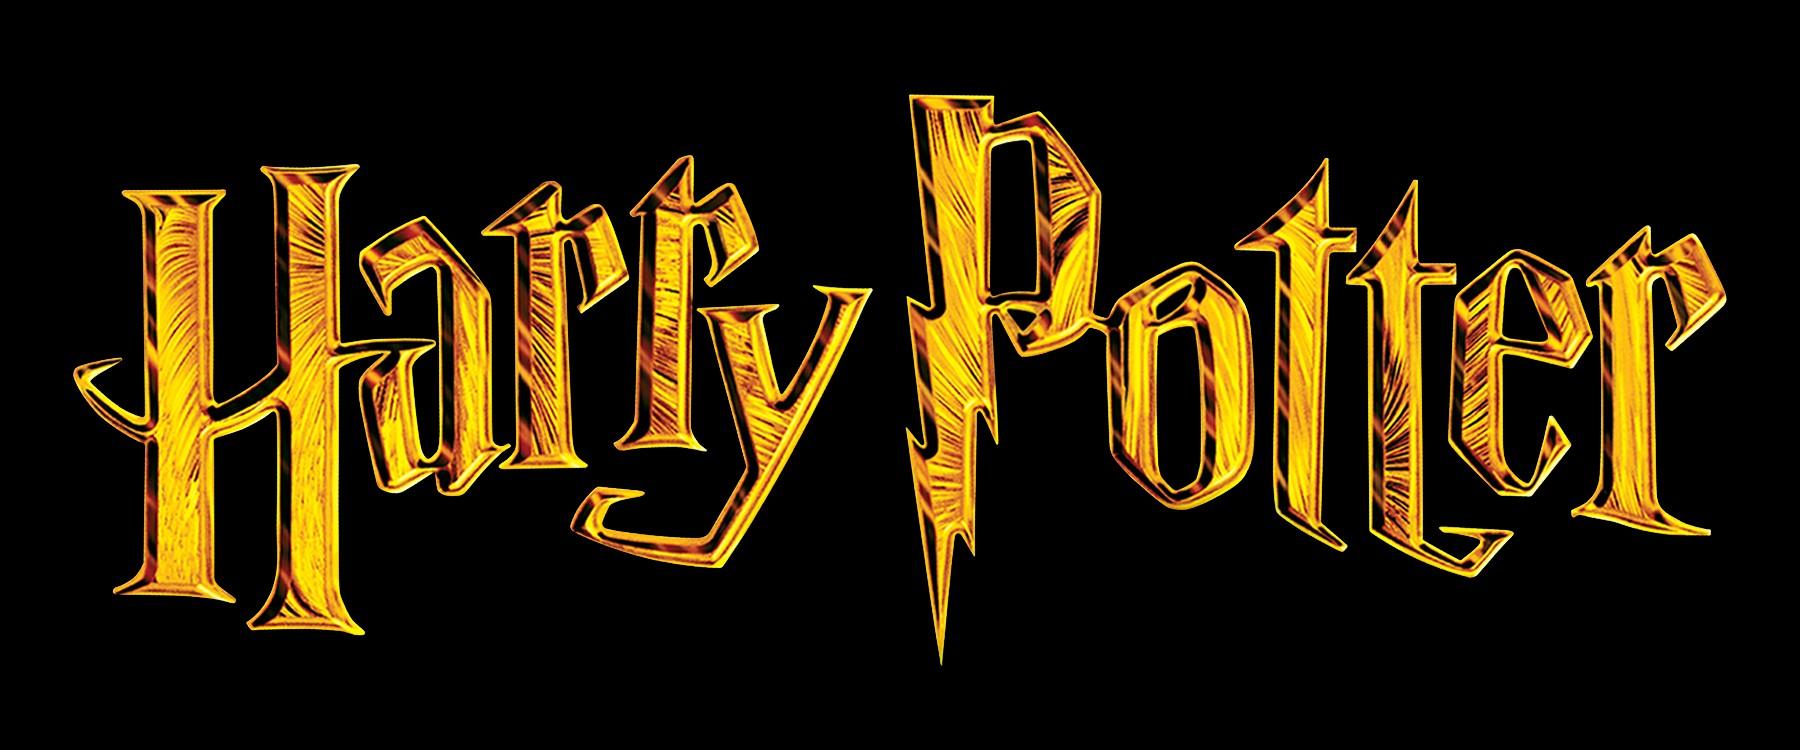 Les Potterheads célèbres